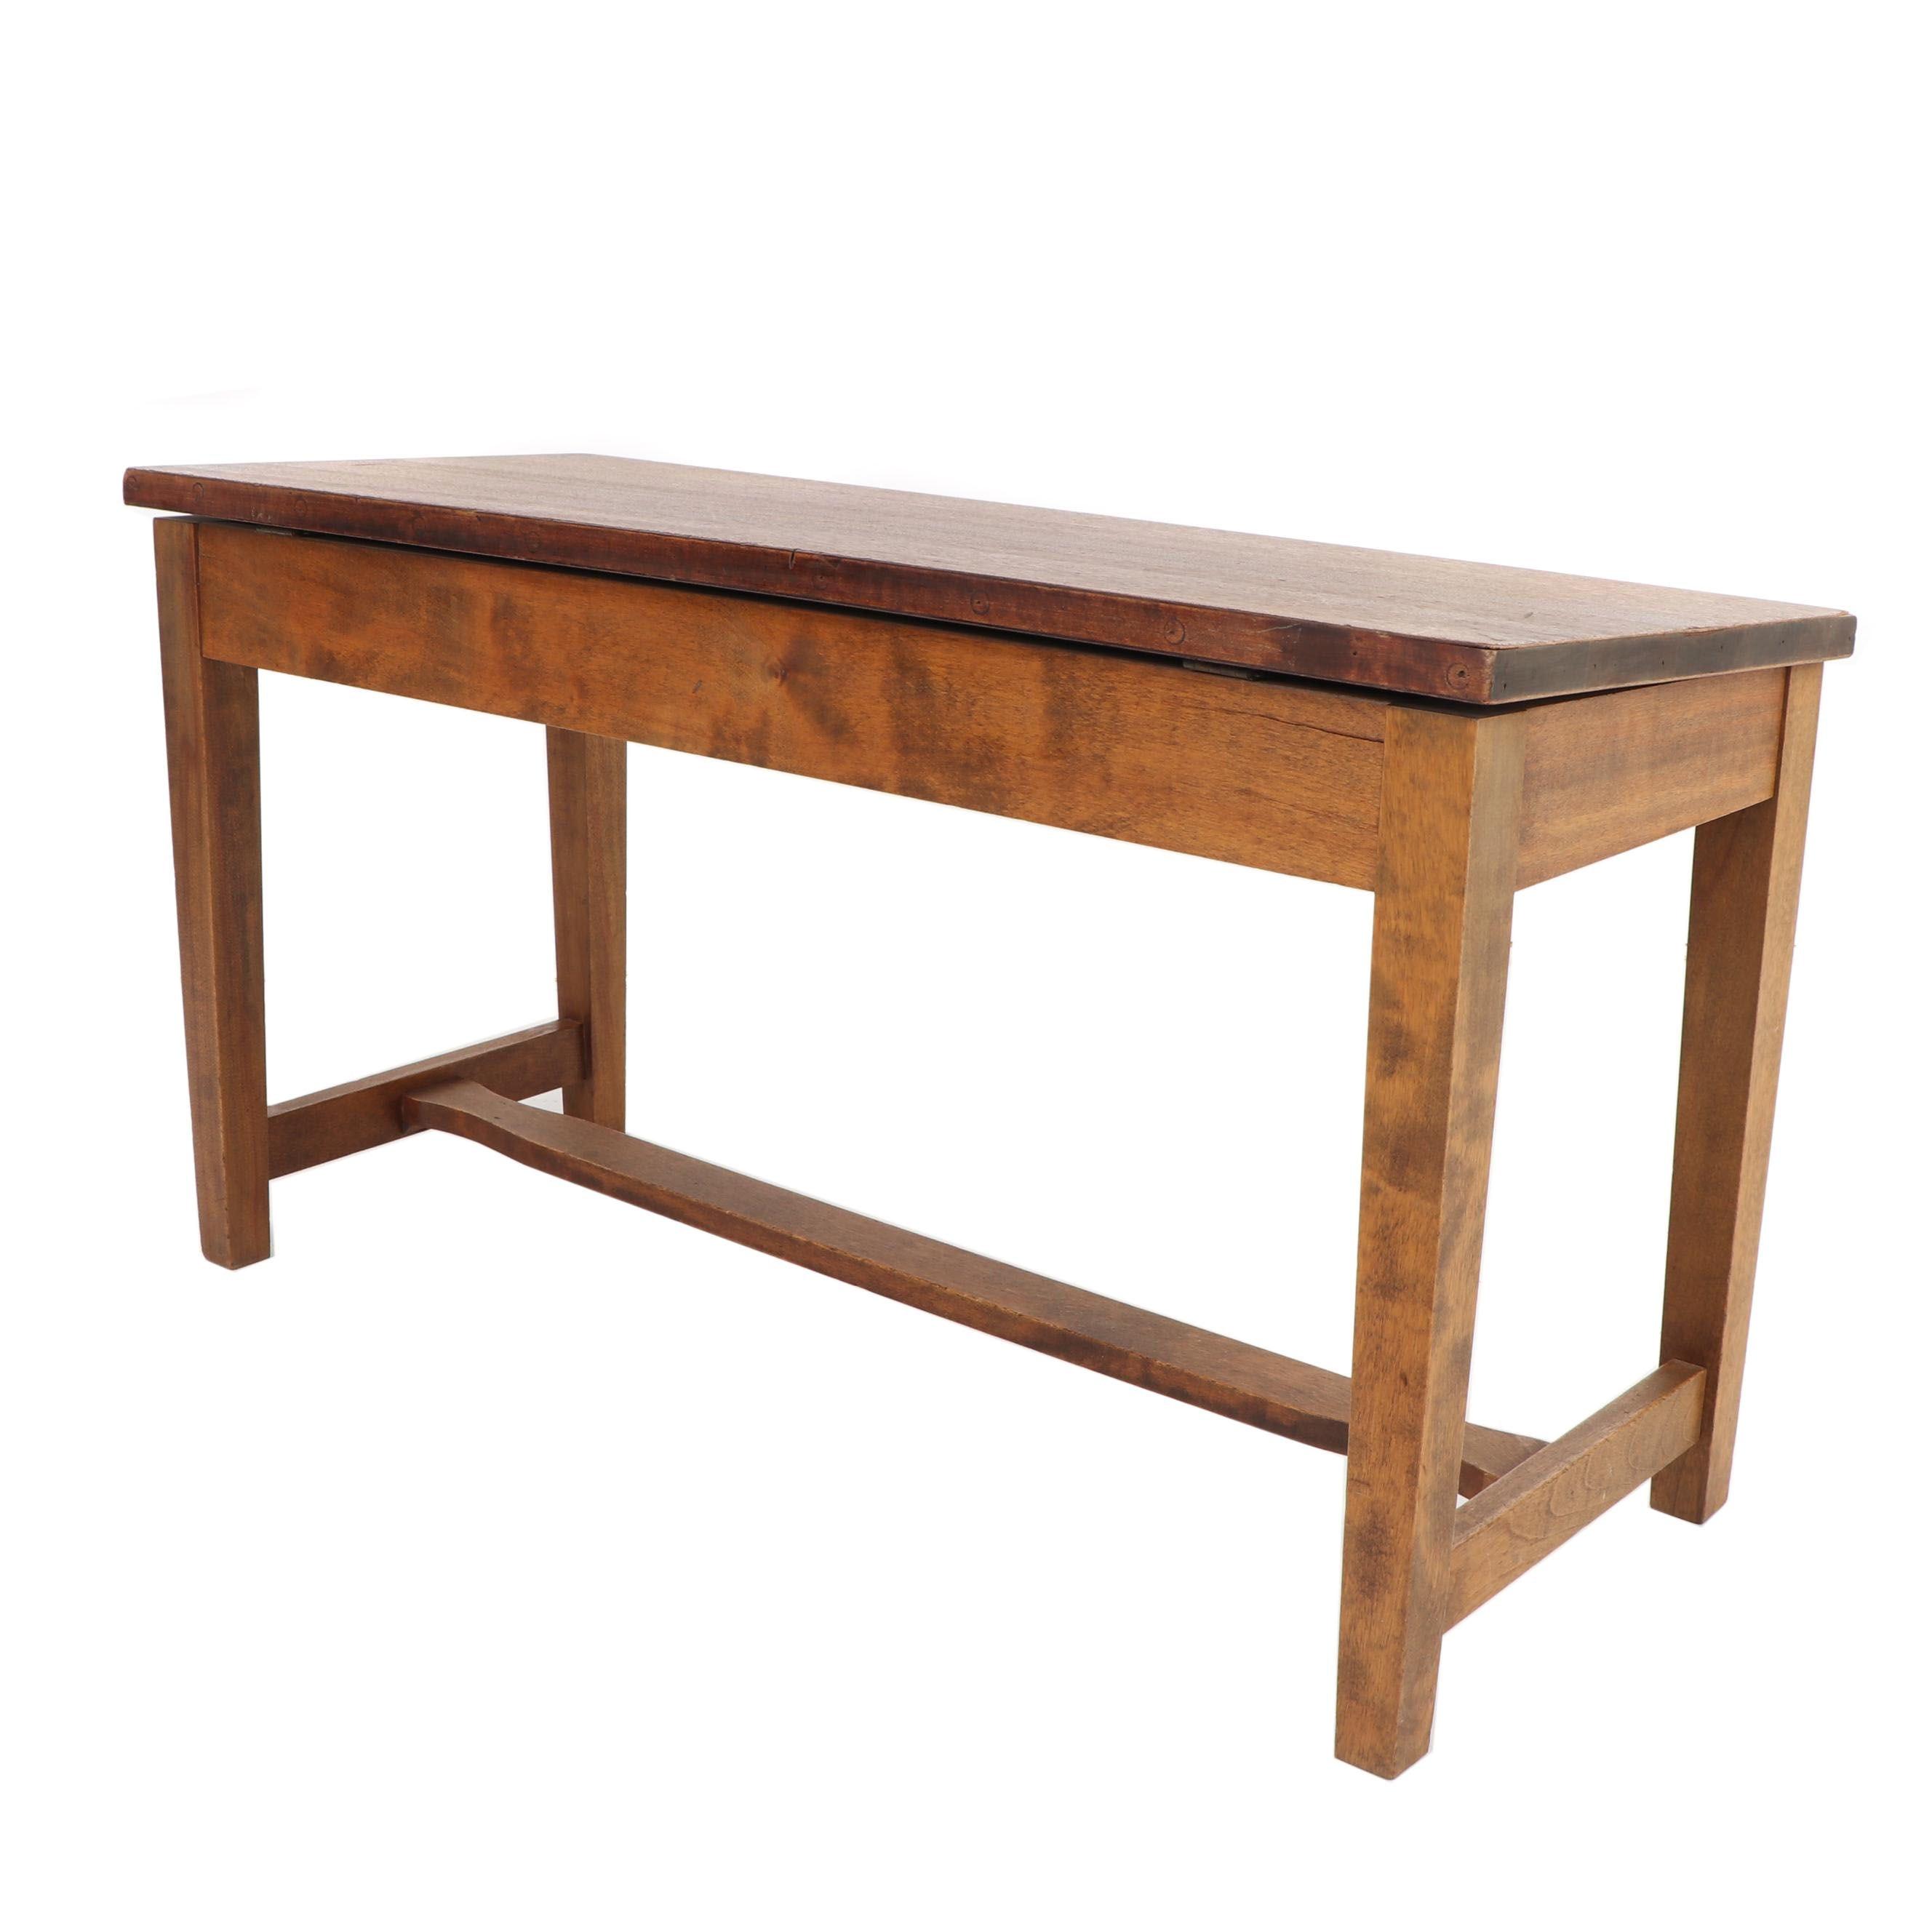 Mahogany Piano Bench, 20th Century